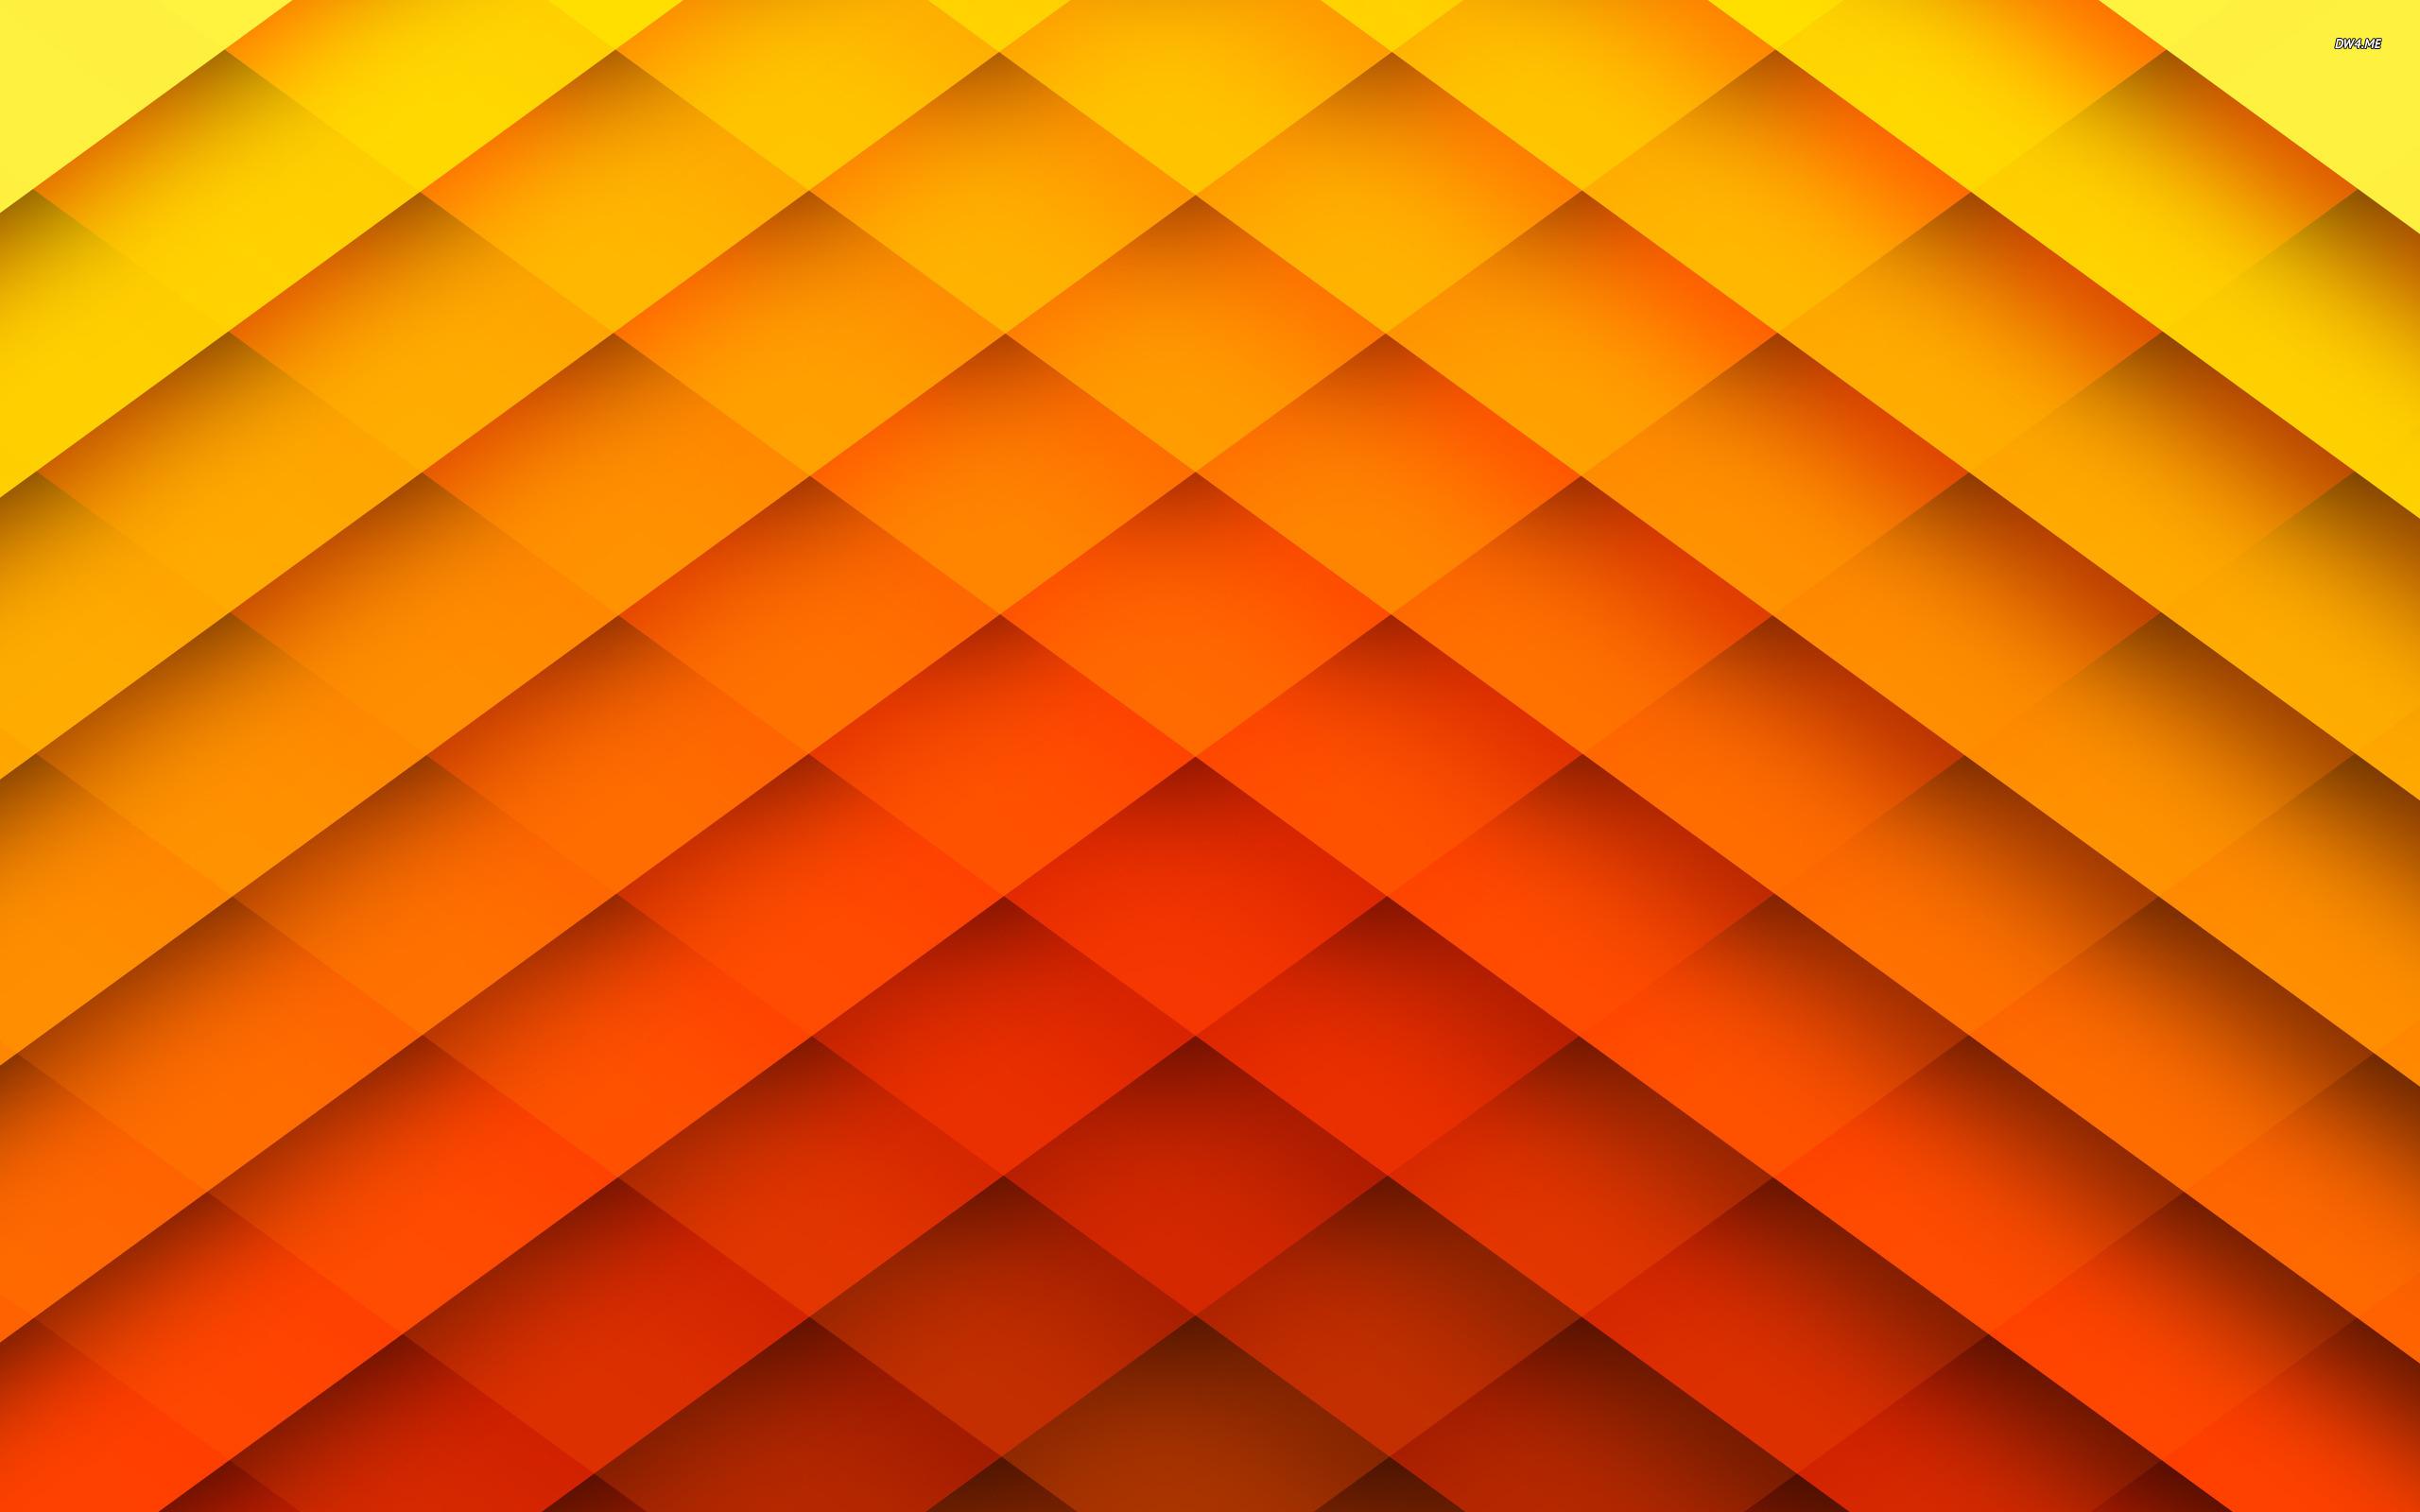 Autumn colors wallpaper   Digital Art wallpapers   1750 2560x1600